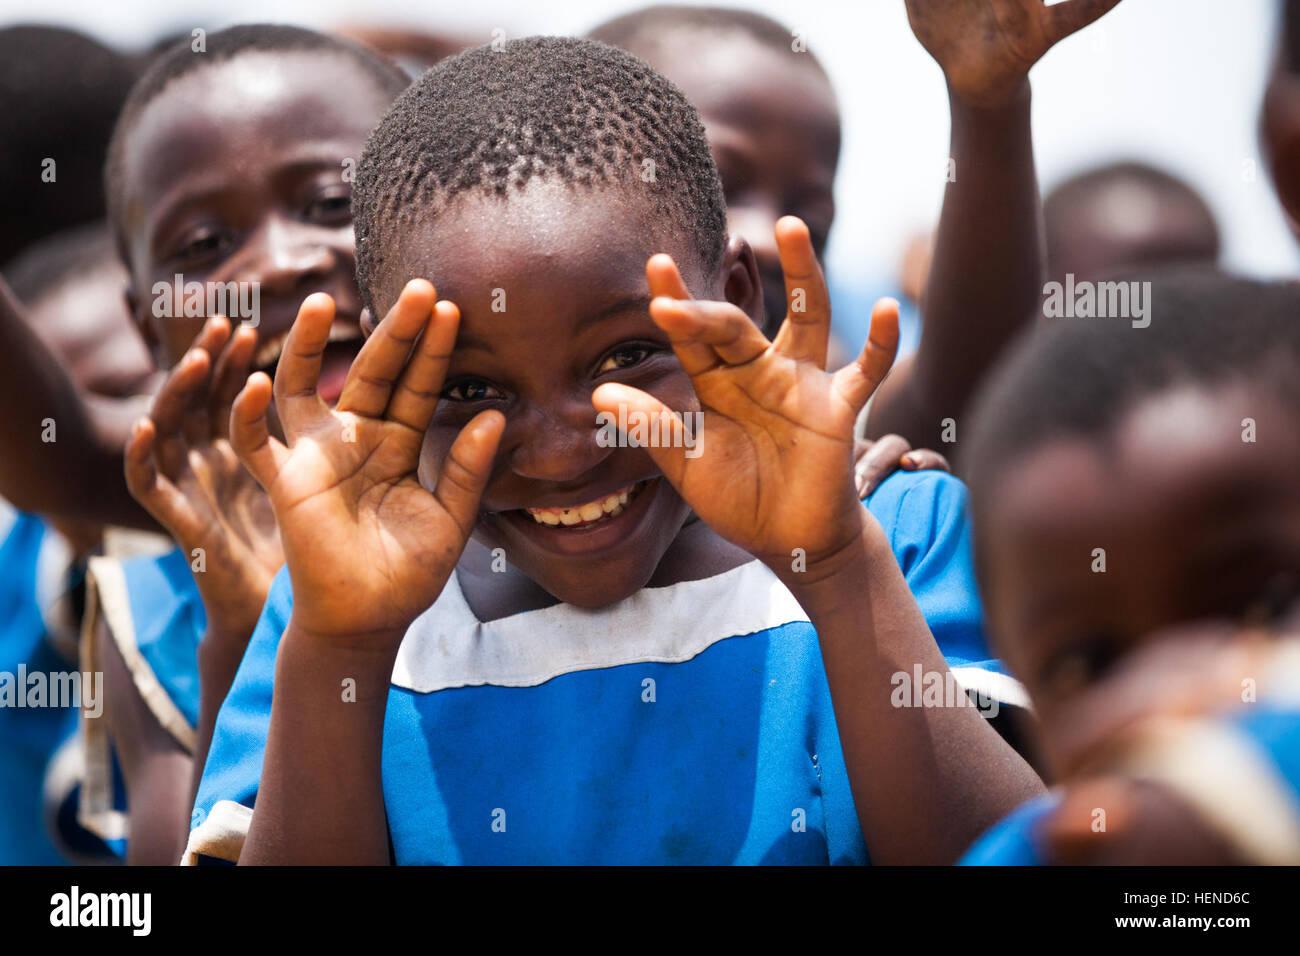 Cameroonian school children await to be given needed school